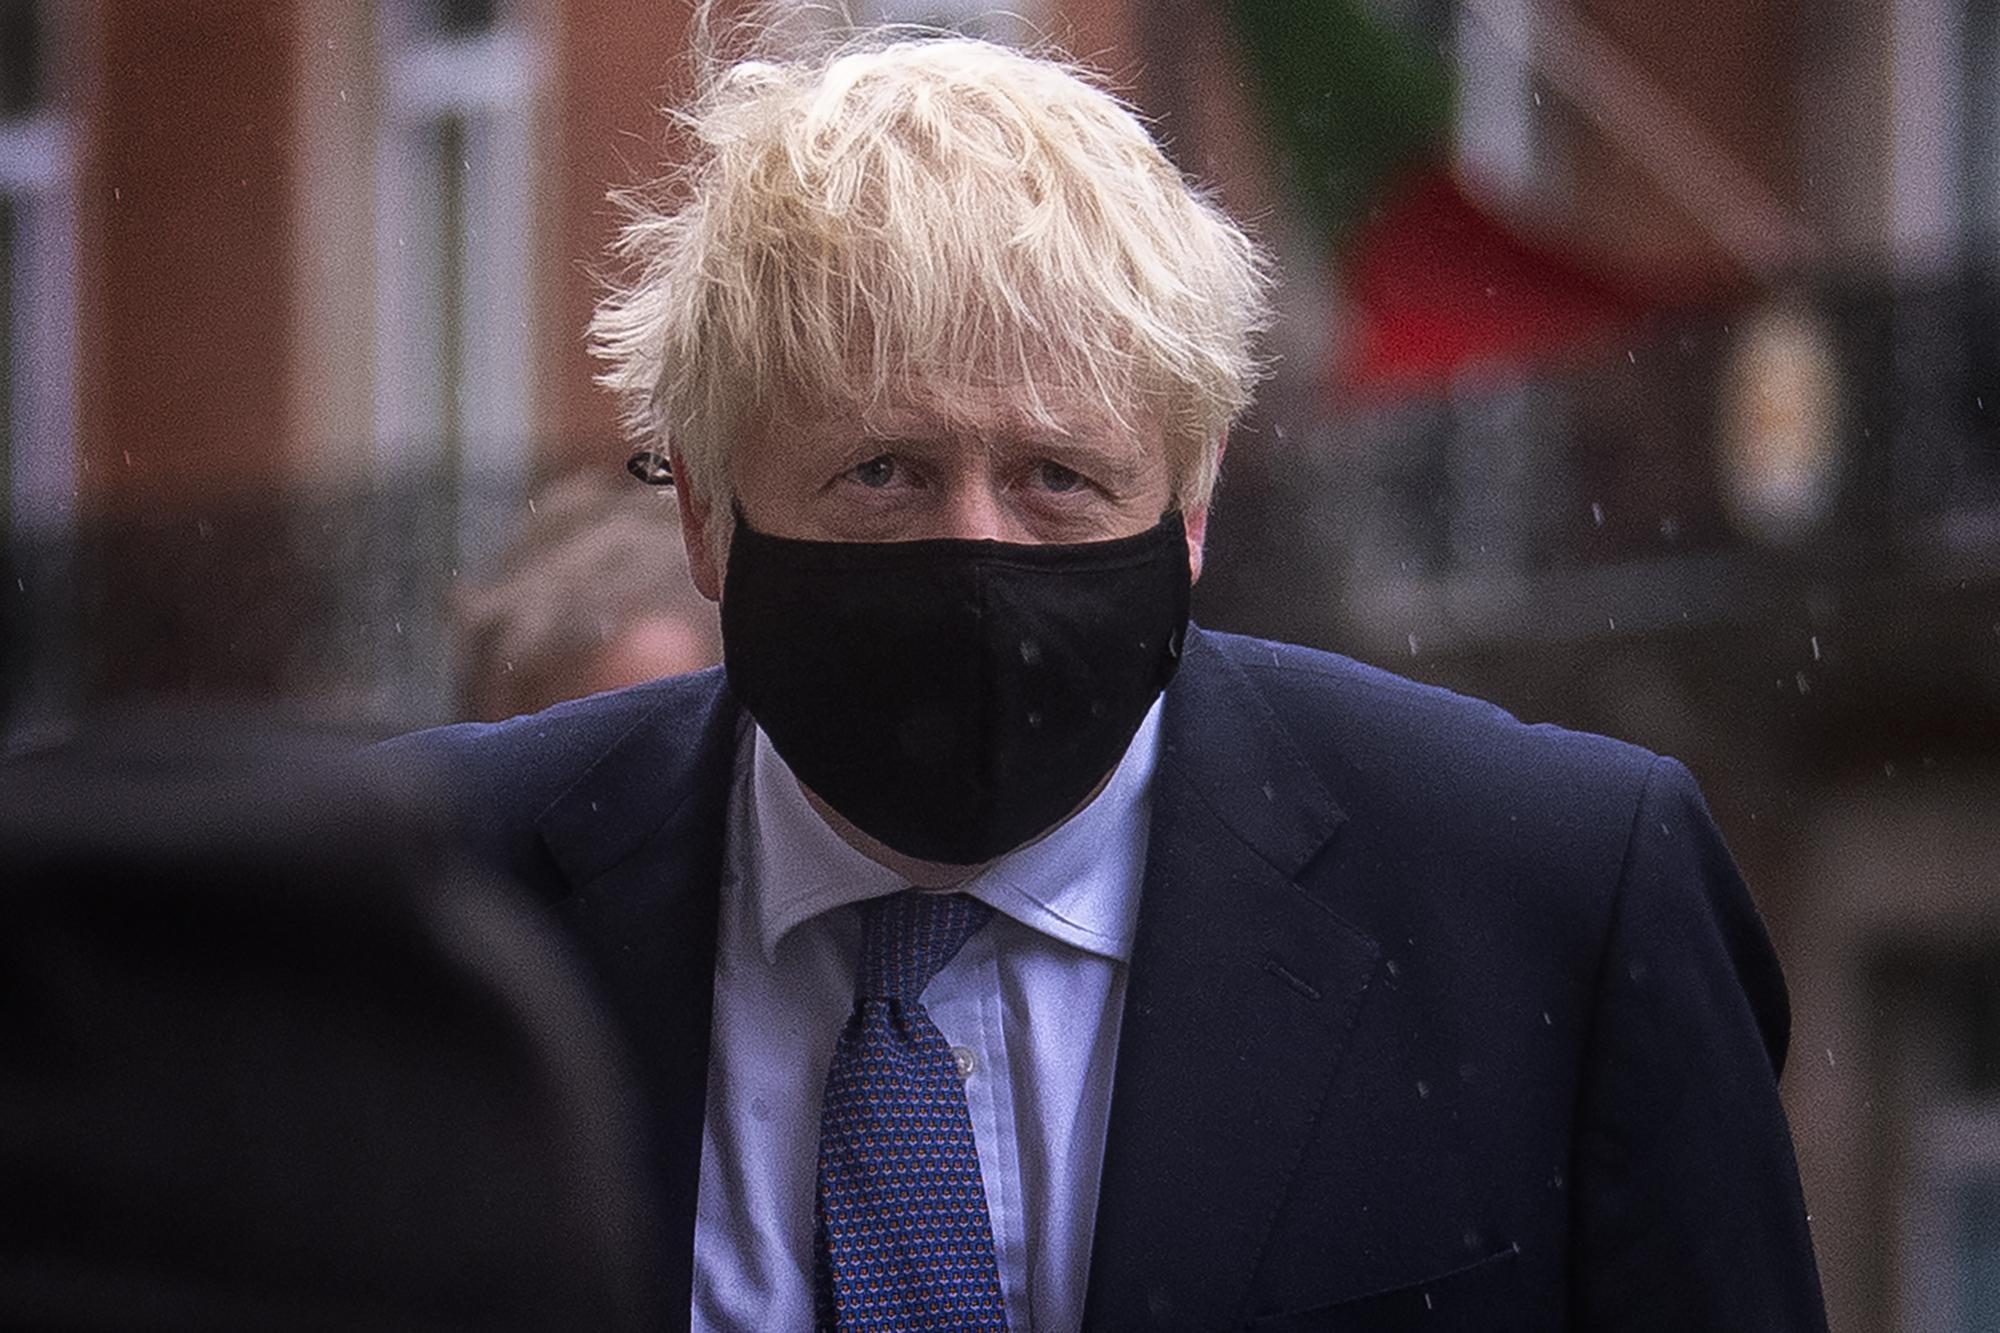 Corona-Krise in Großbritannien: Johnson sieht den Kurs als